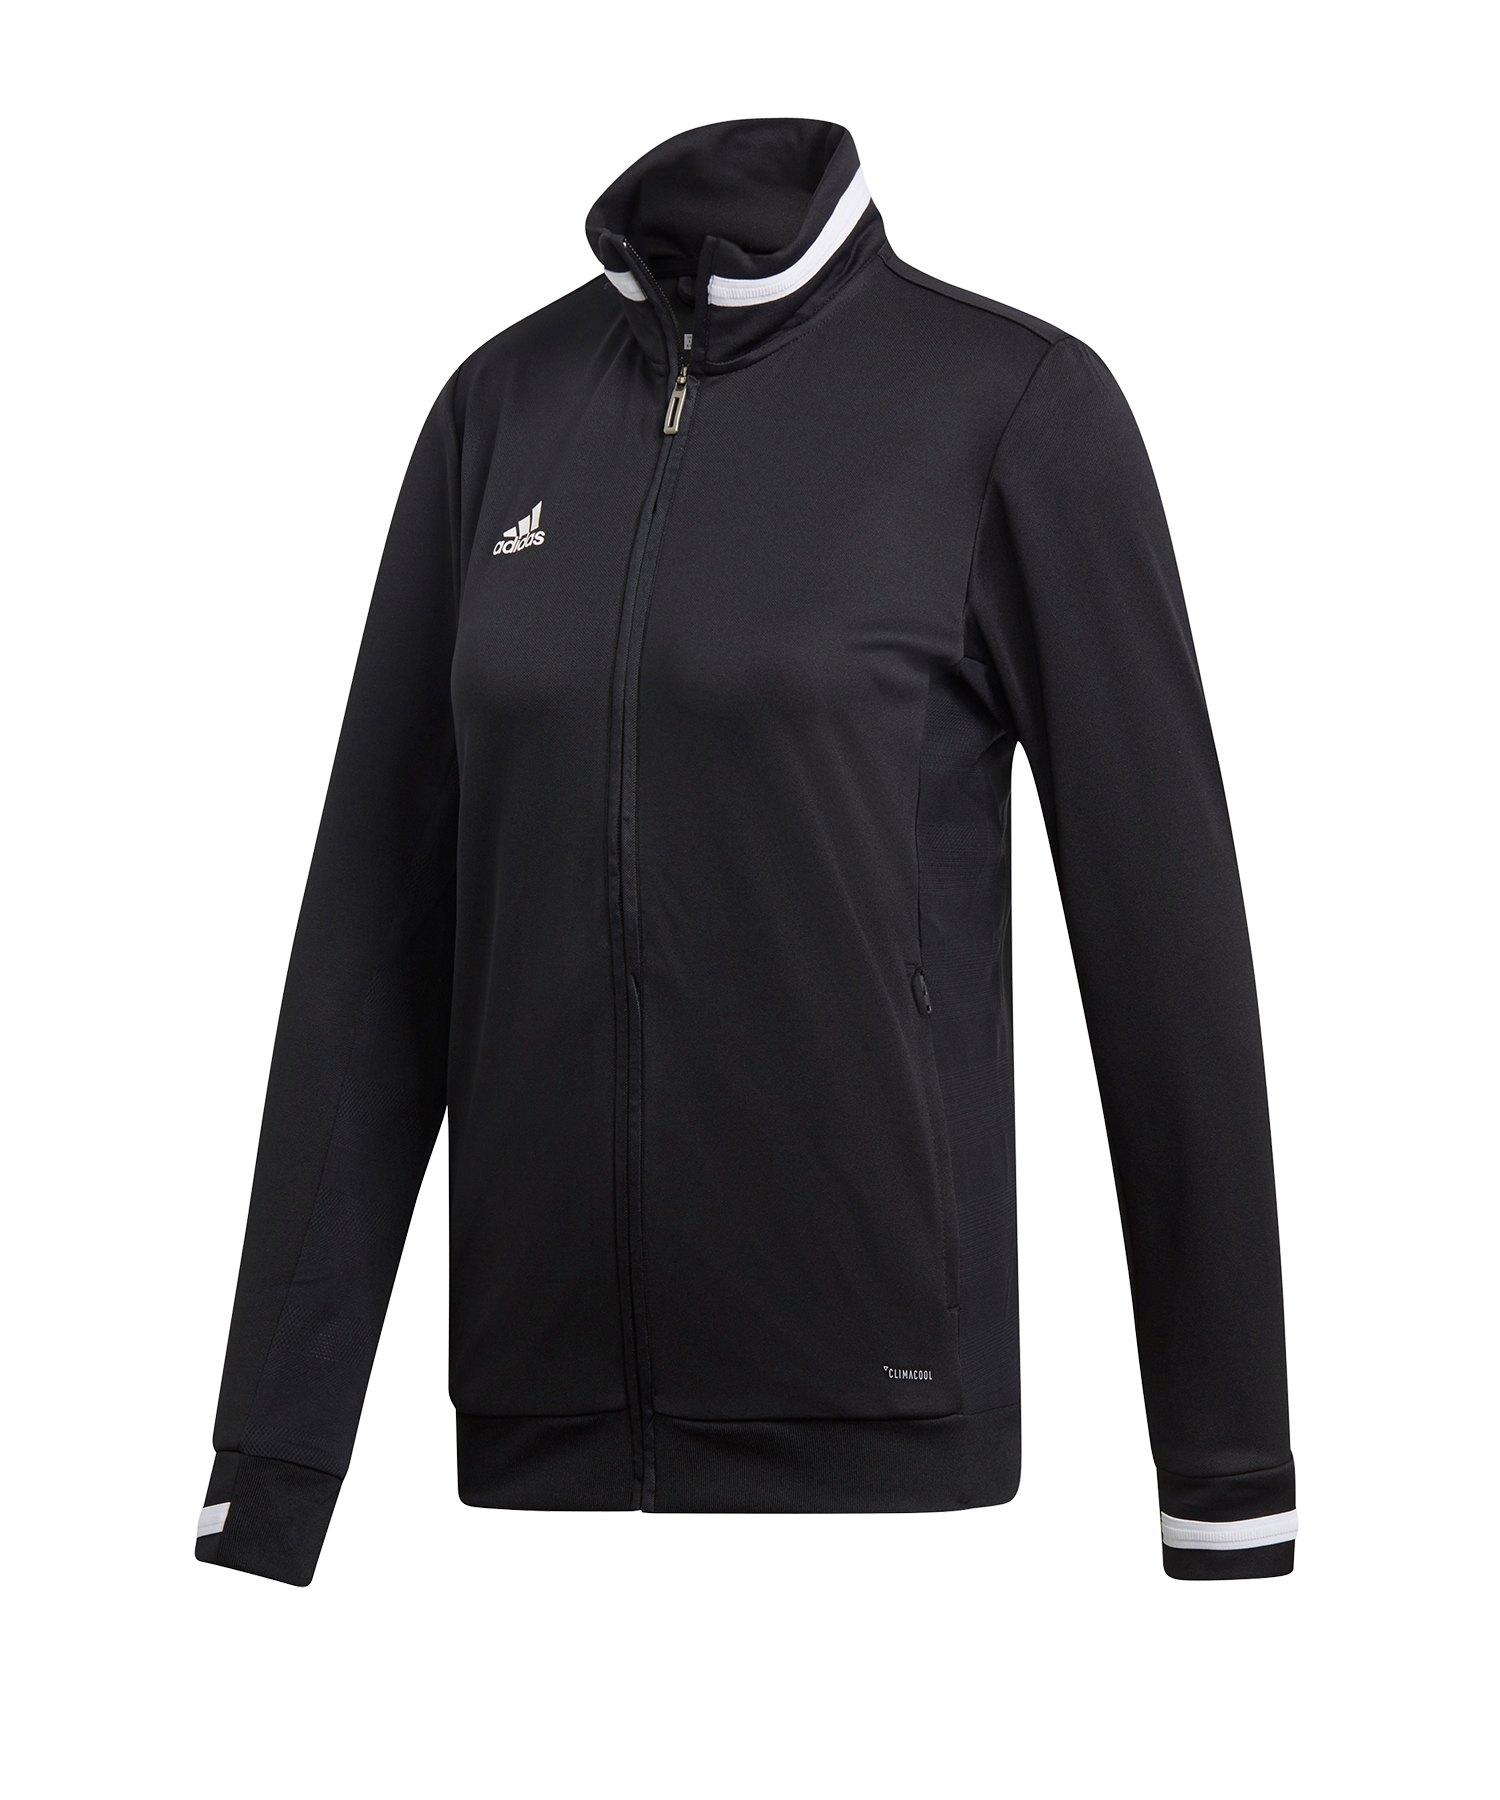 adidas Team 19 Track Jacket Damen Schwarz Weiss - schwarz